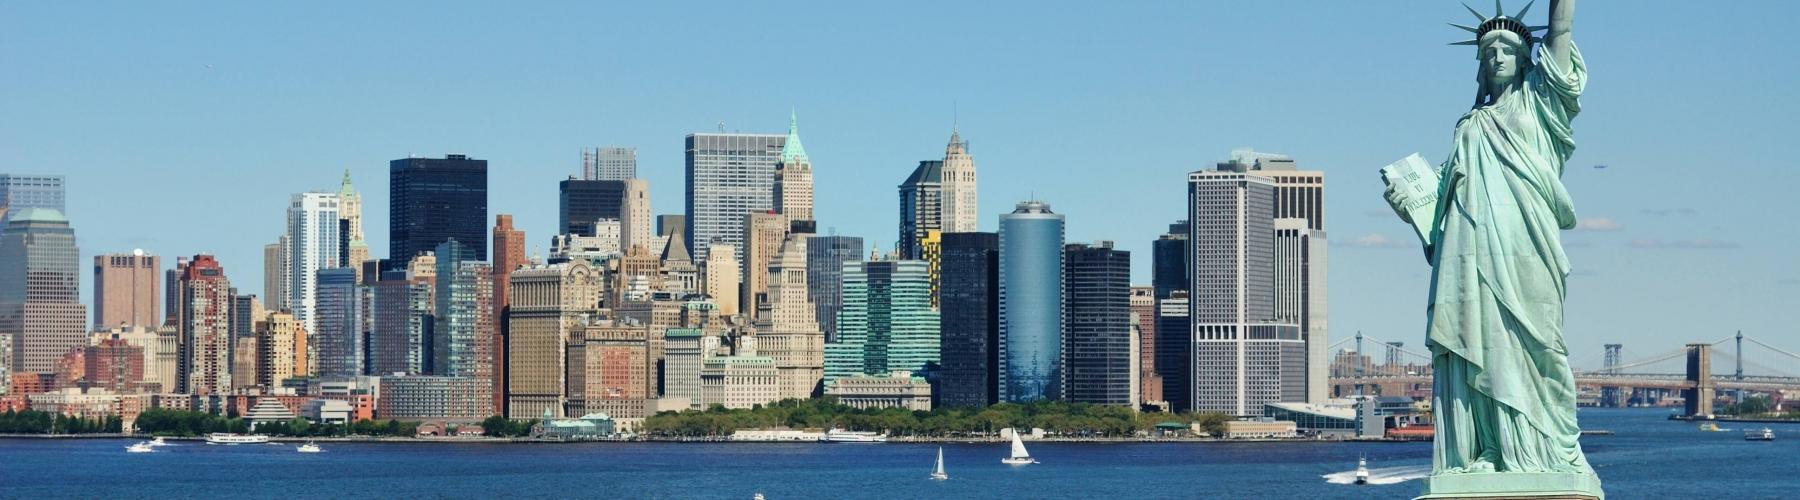 Voyage aux États-Unis - La Côte Est et New-York